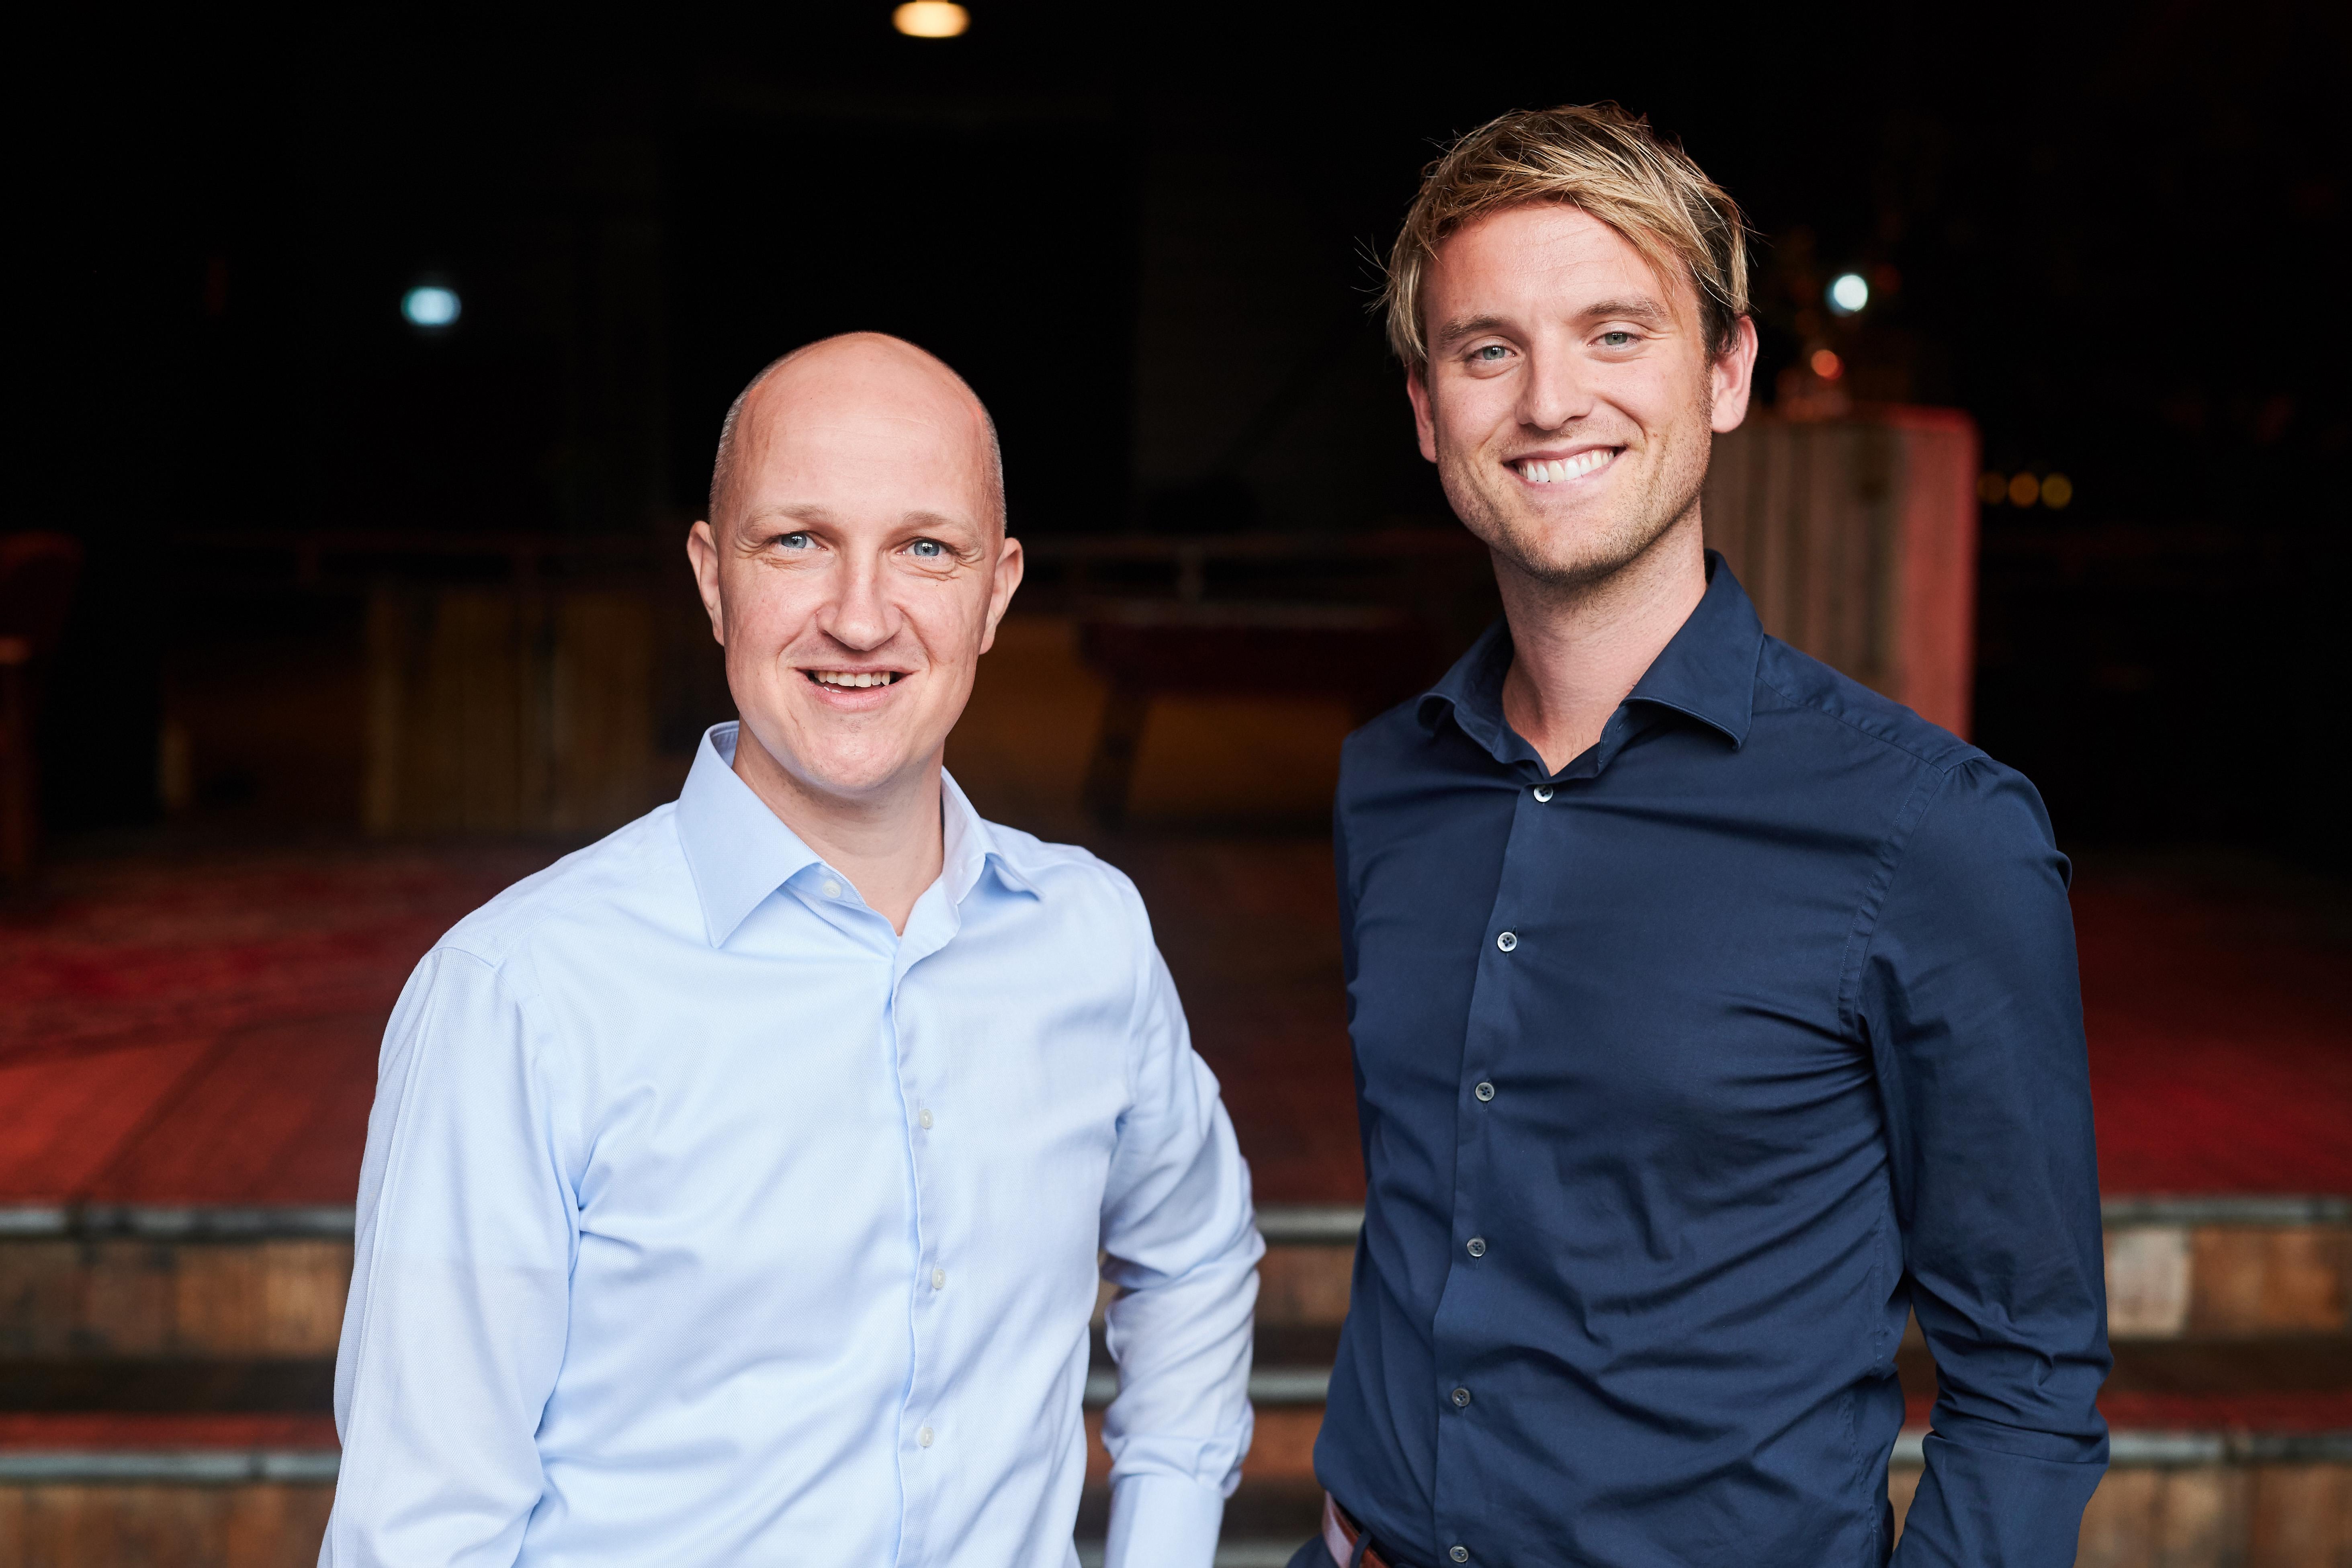 SubAdvies, foto vlnr: Antoin Bakelaar, commercieel manager en John Reijne, oprichter, eigenaar, directeur